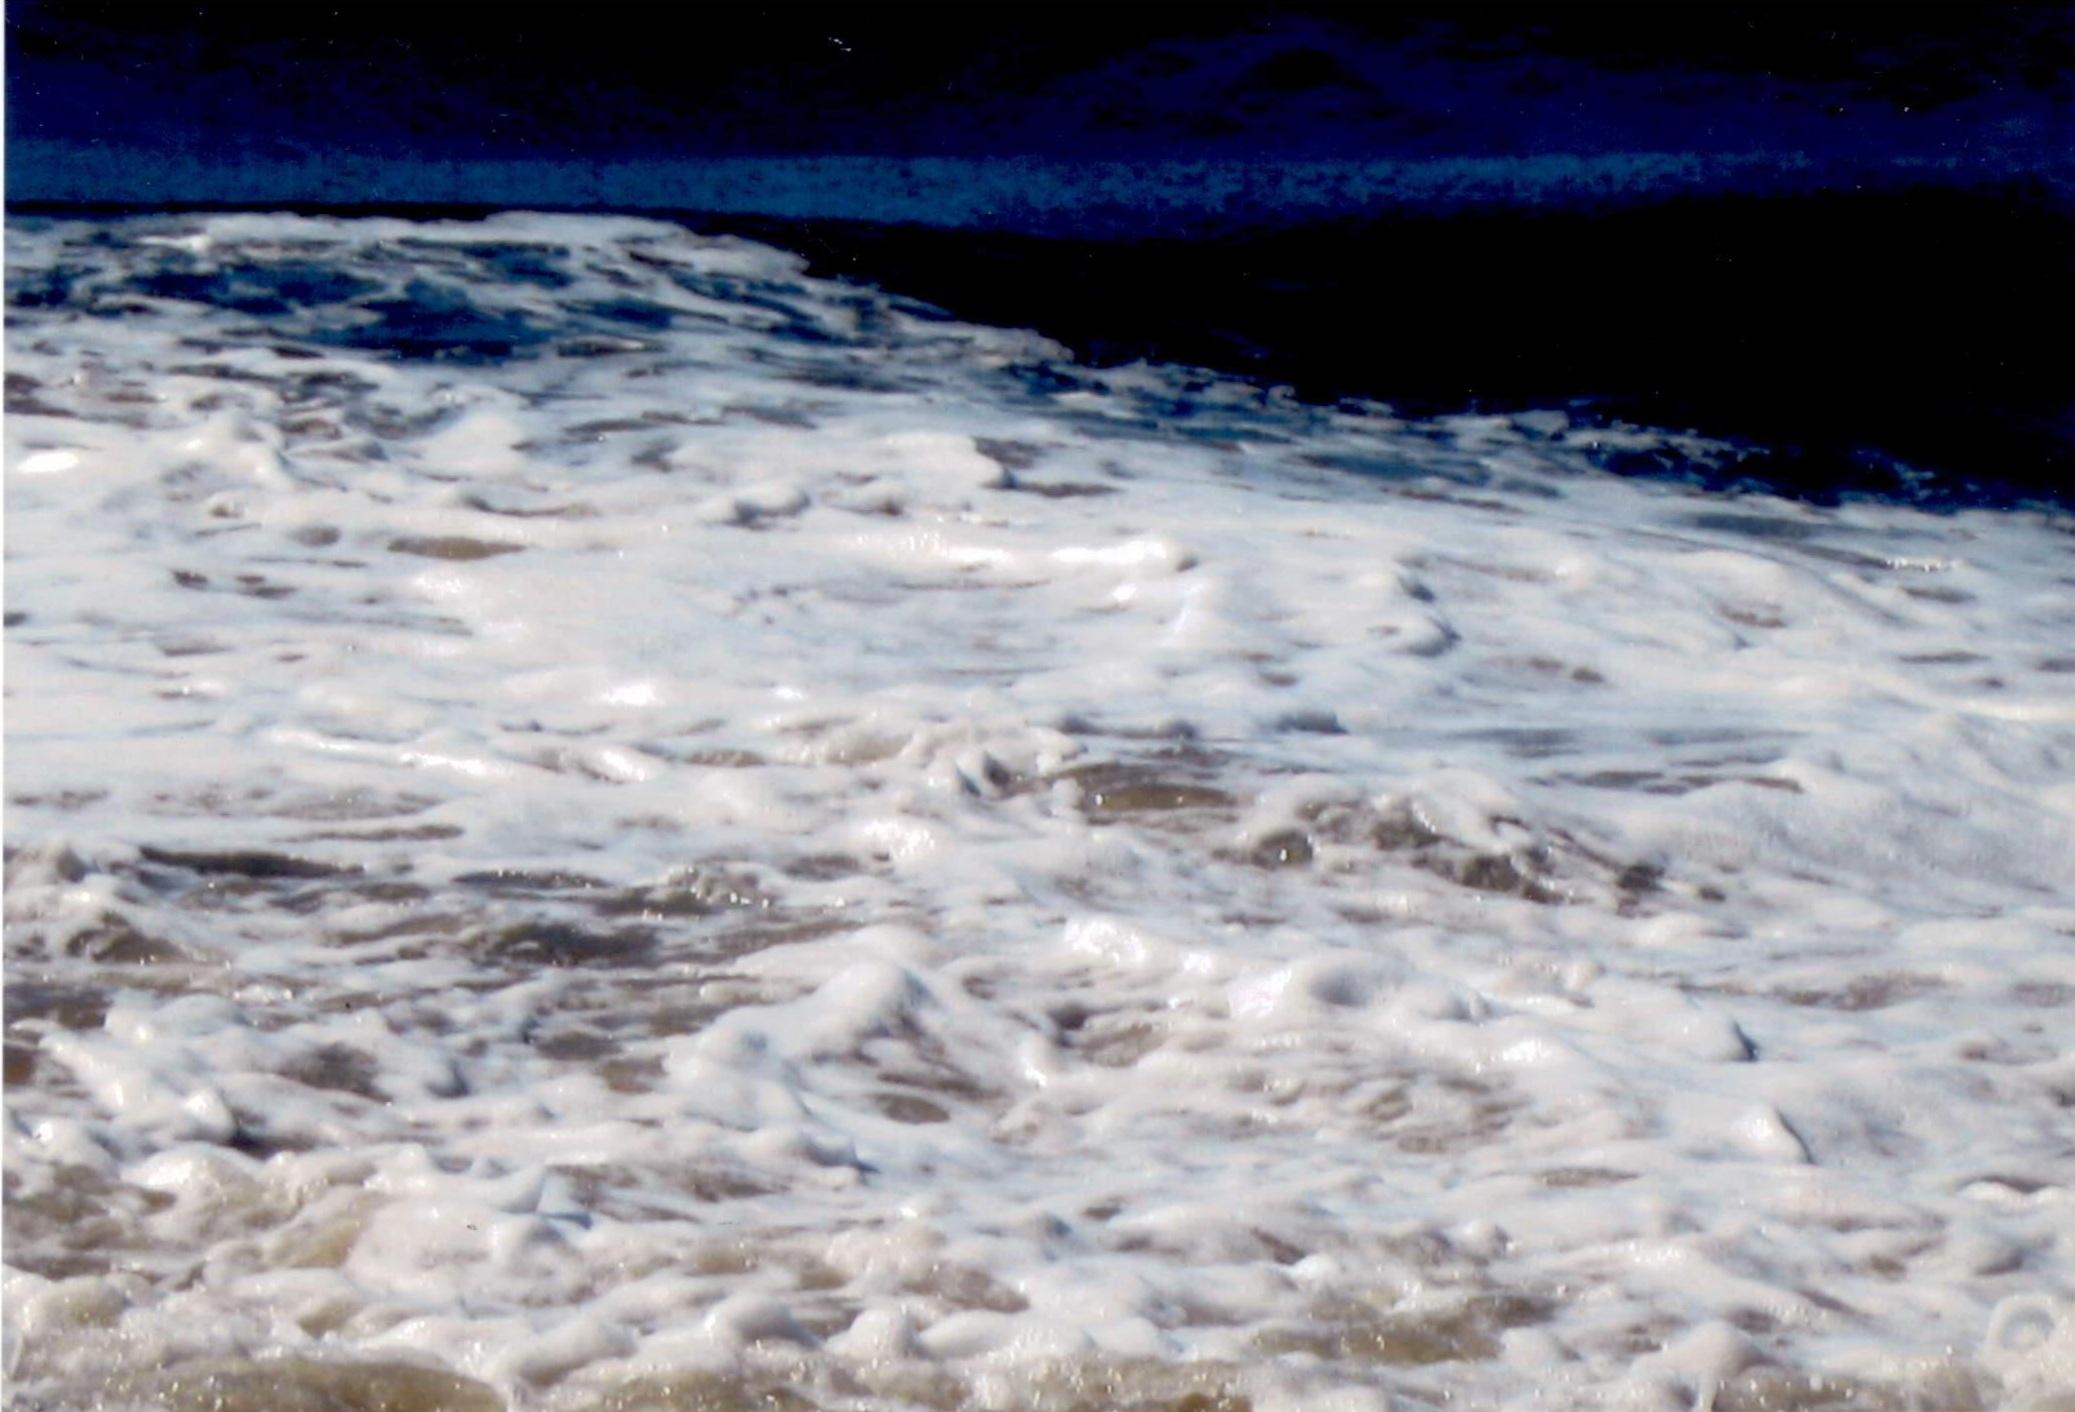 In questa foto ci sono spiriti di malura calura si chiamano cosi perché portano molti infezione muscolare. Avolte ci bisogna antibiotico per togliere l'infezione. Questo si prendeva nella sabbia e nel mare quando stava agitato.